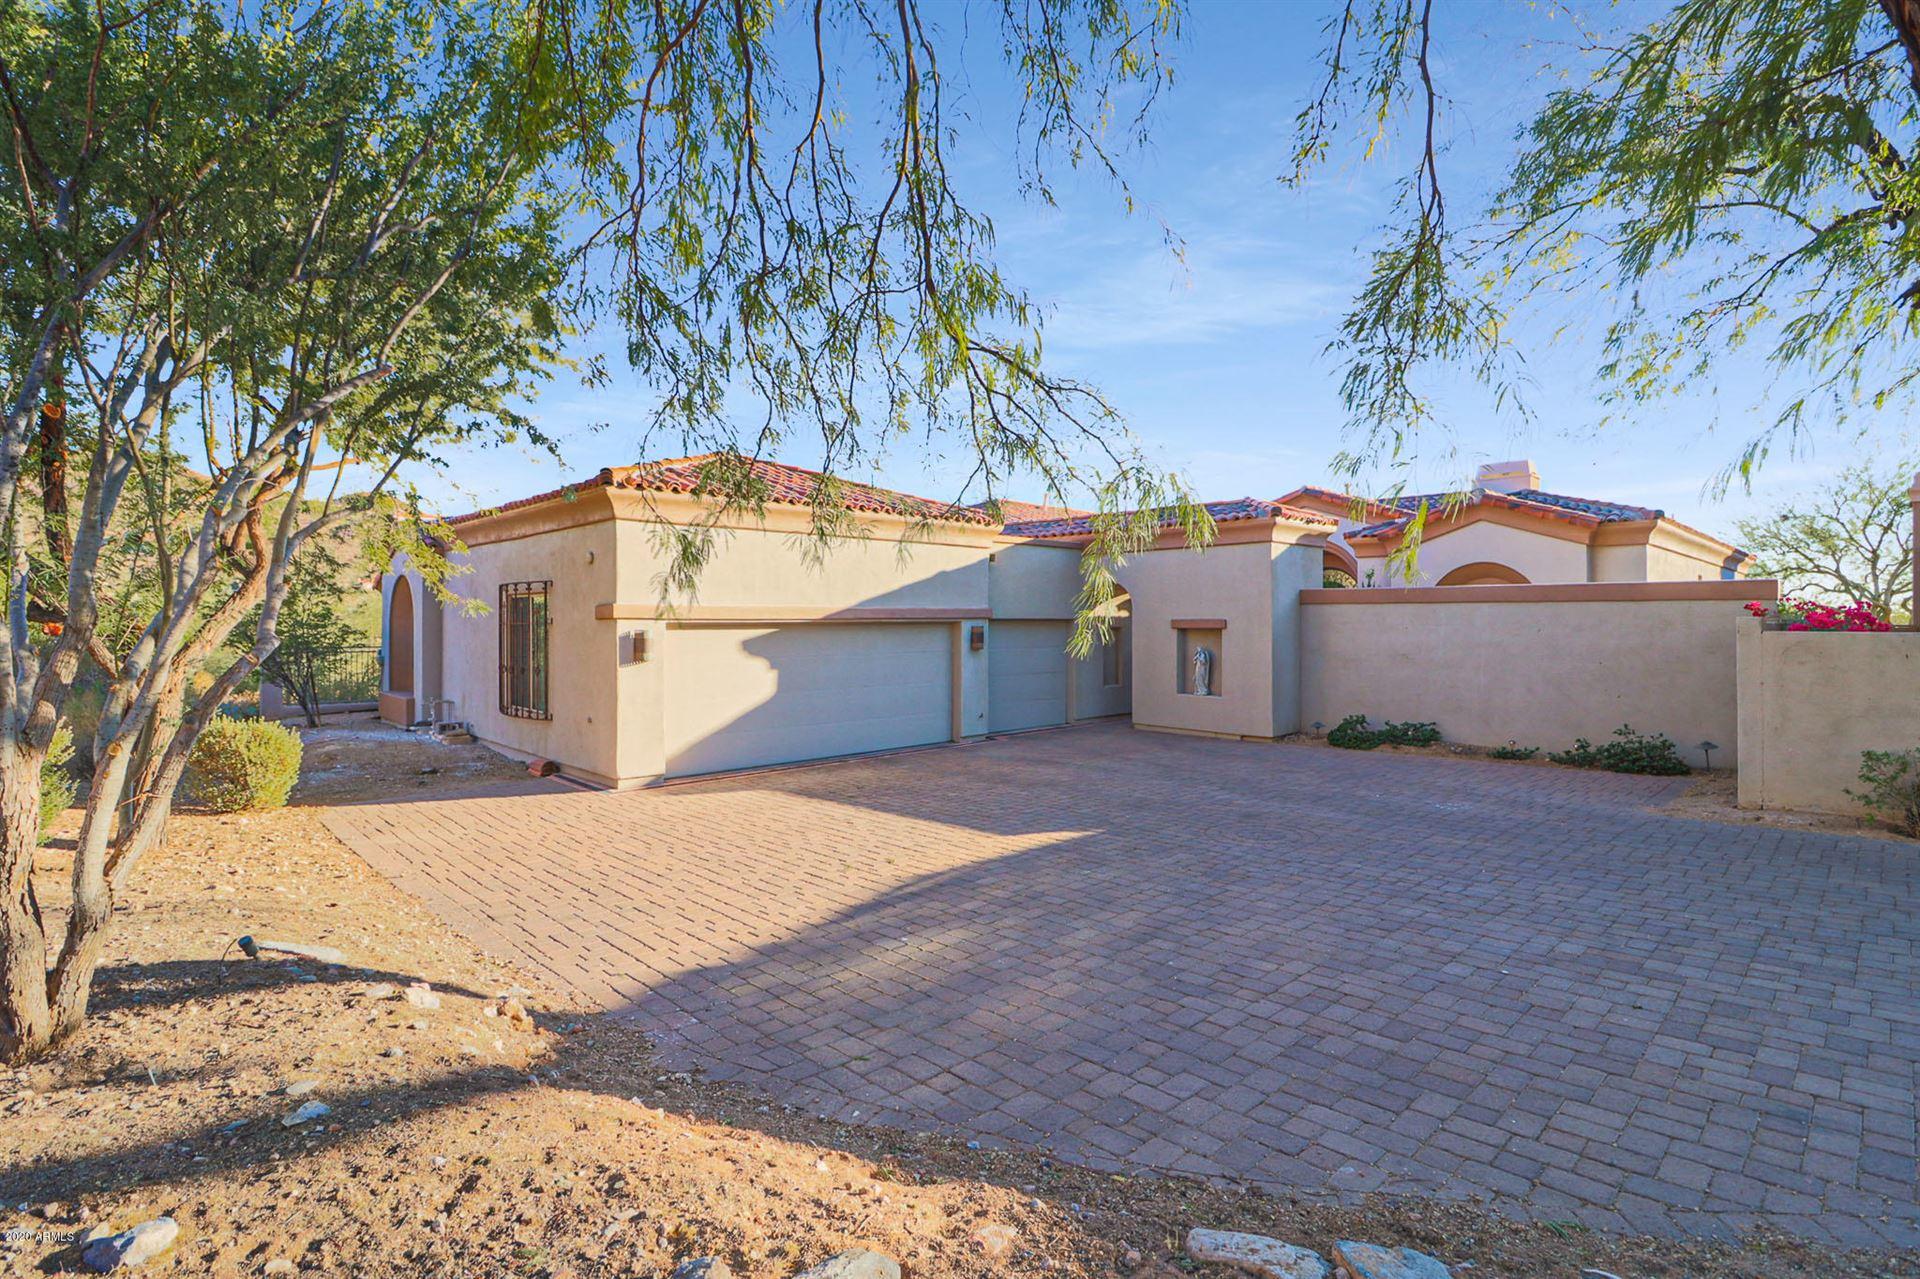 Photo of 11109 E COSMOS Circle, Scottsdale, AZ 85255 (MLS # 6168606)